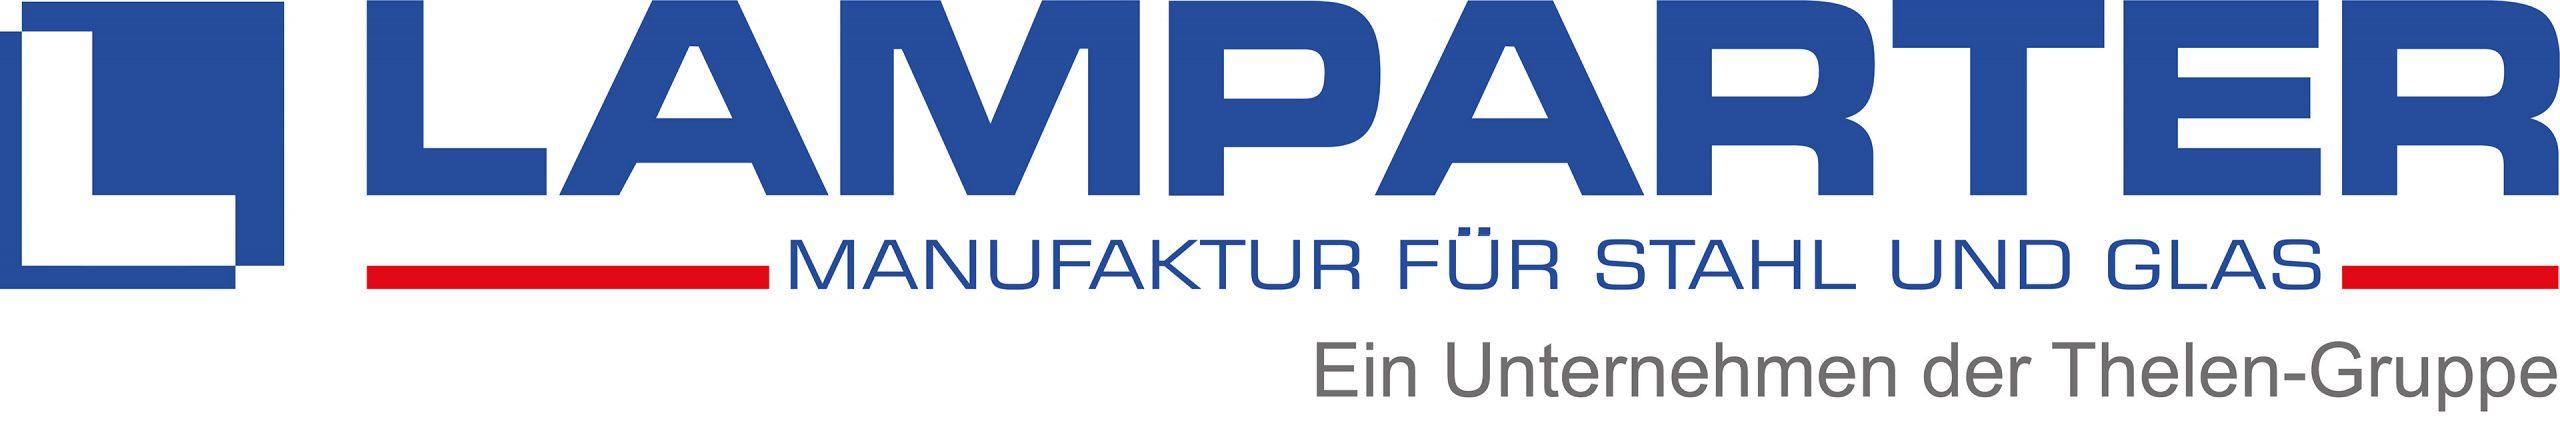 Lamparter Logo mit Manufaktur UHD RGB JPG